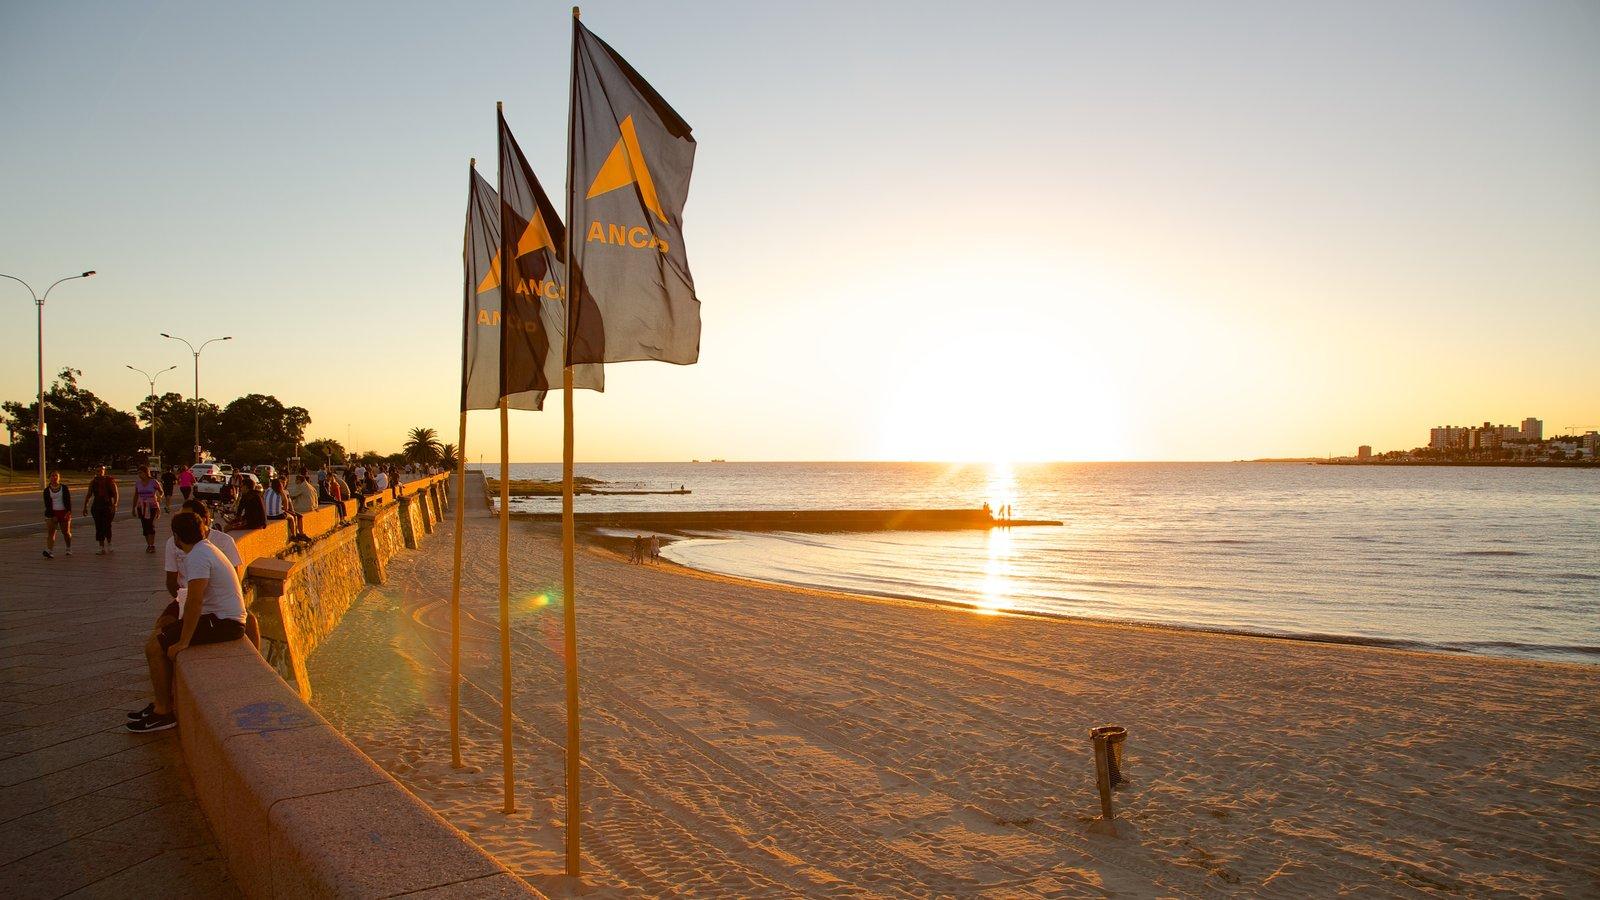 Montevidéu caracterizando um pôr do sol e uma praia